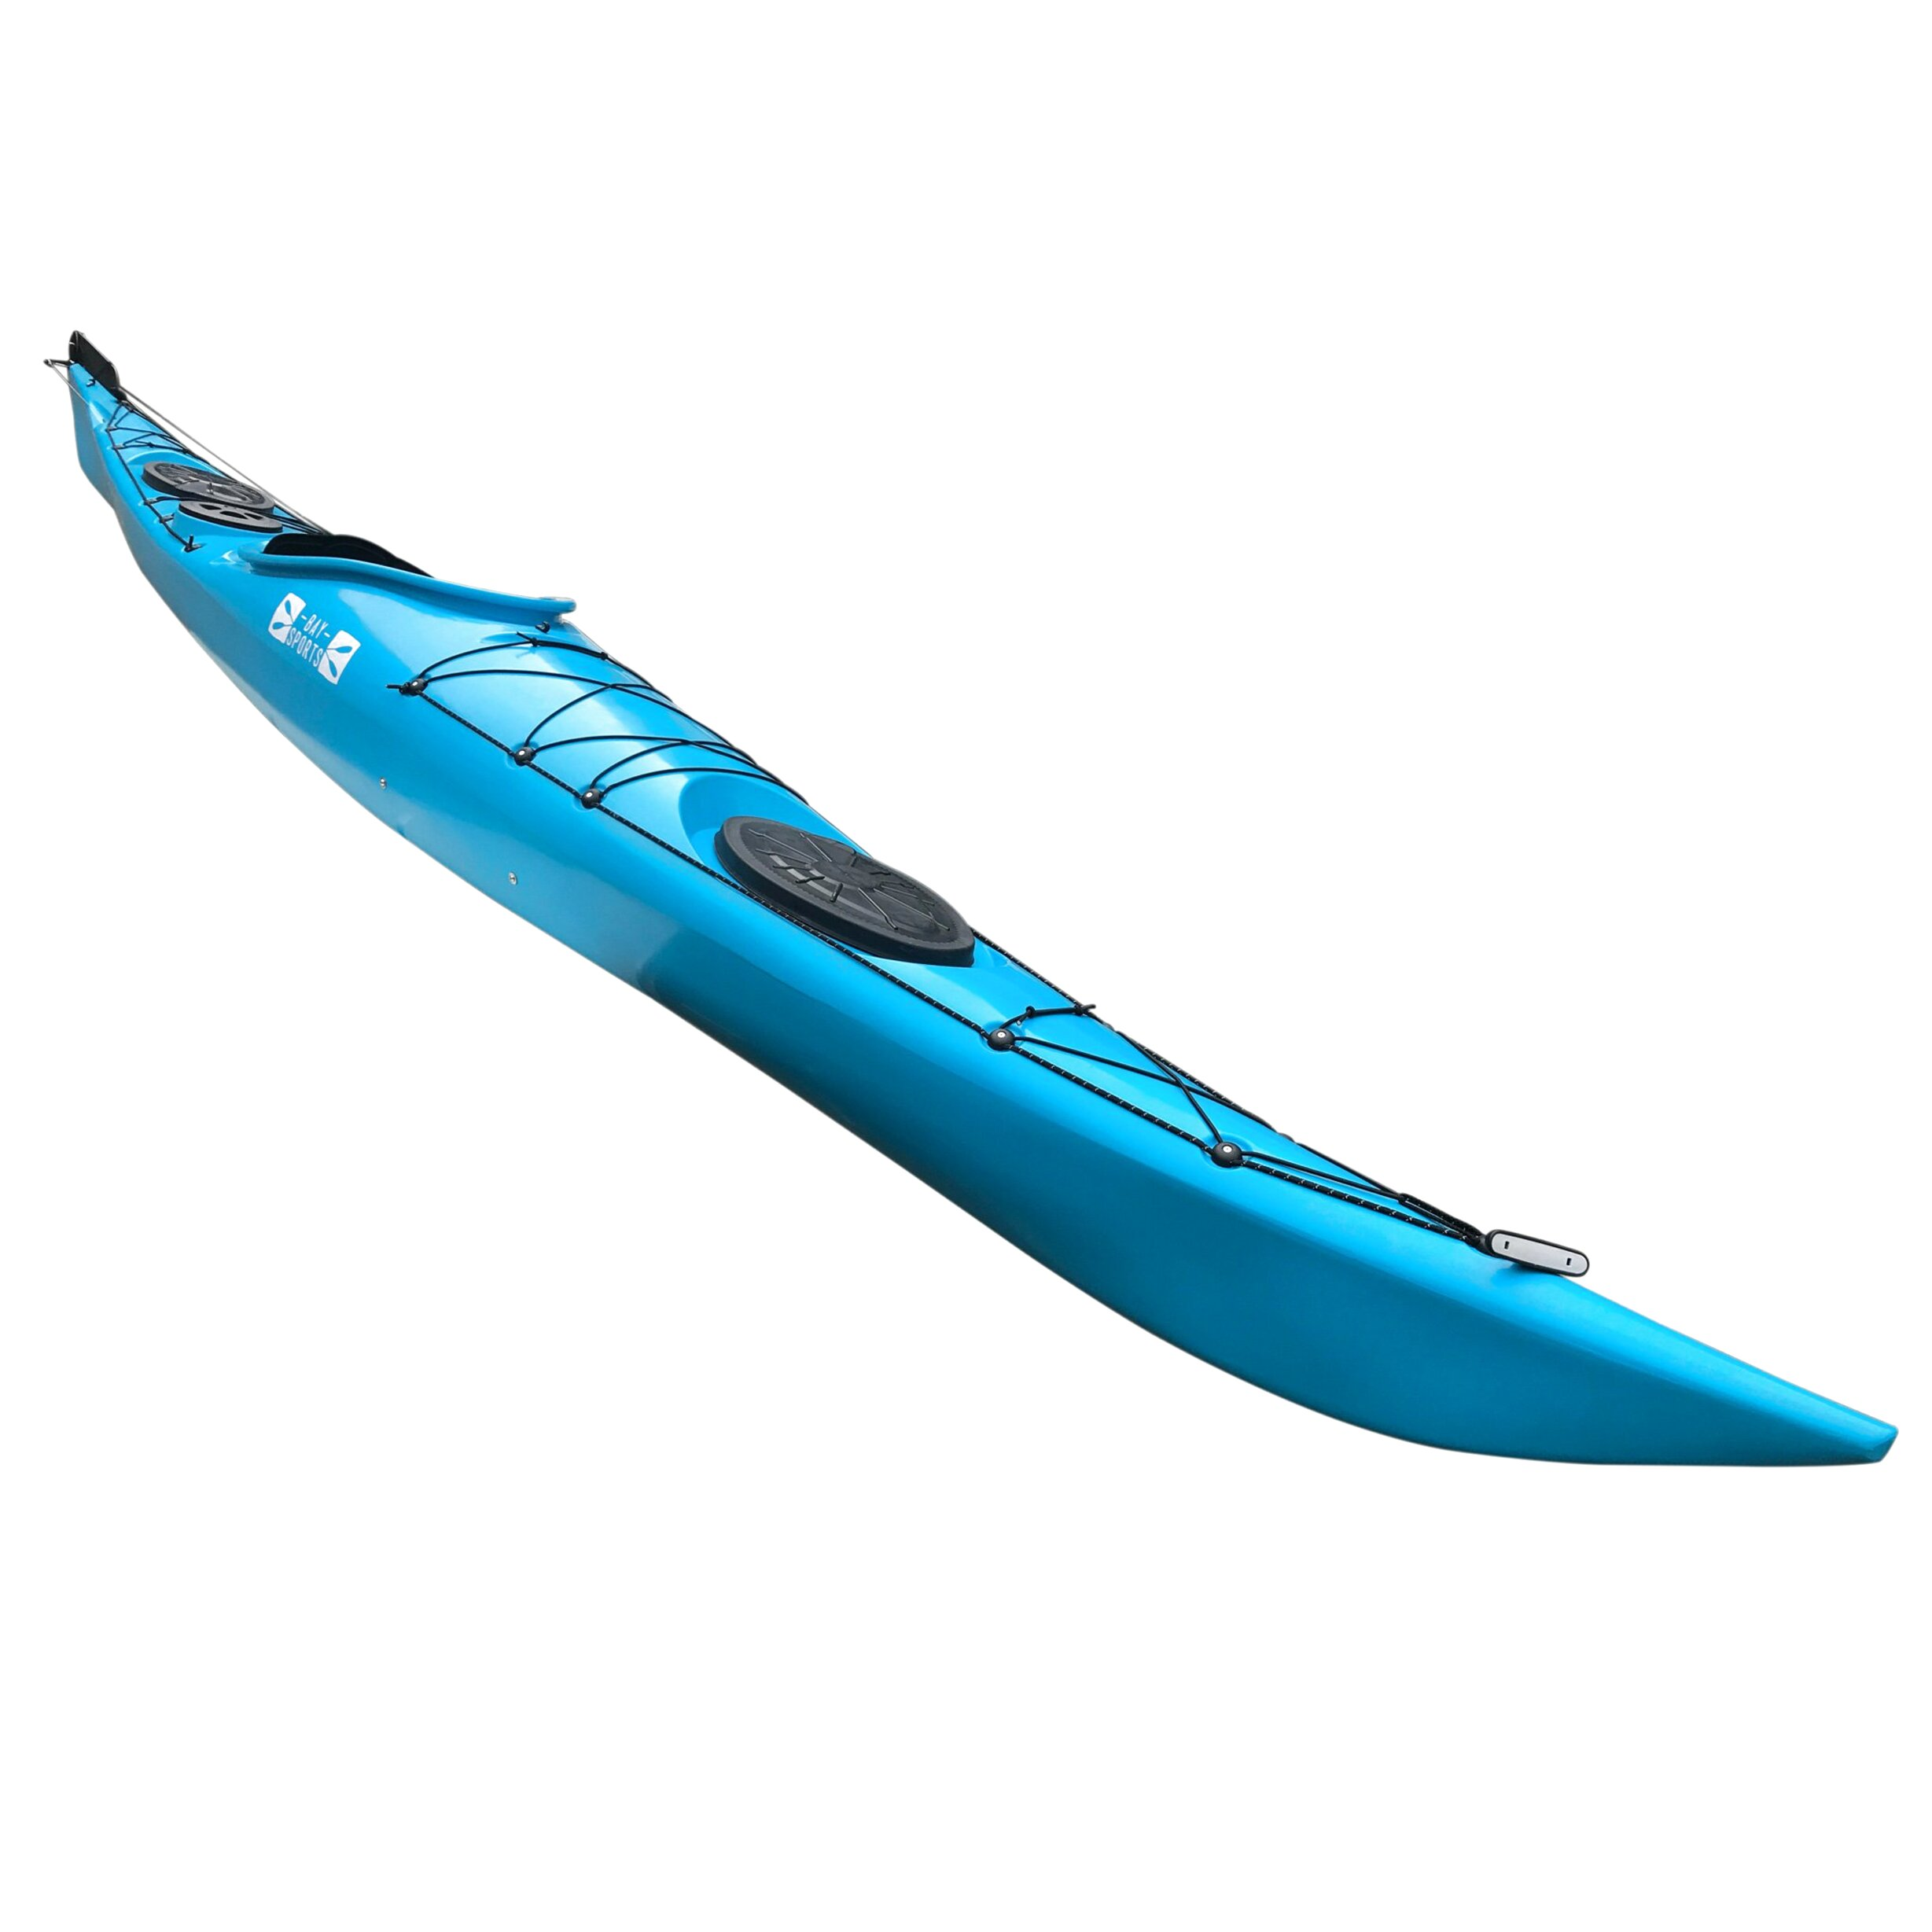 Sea Kayak For Sale Craigslist